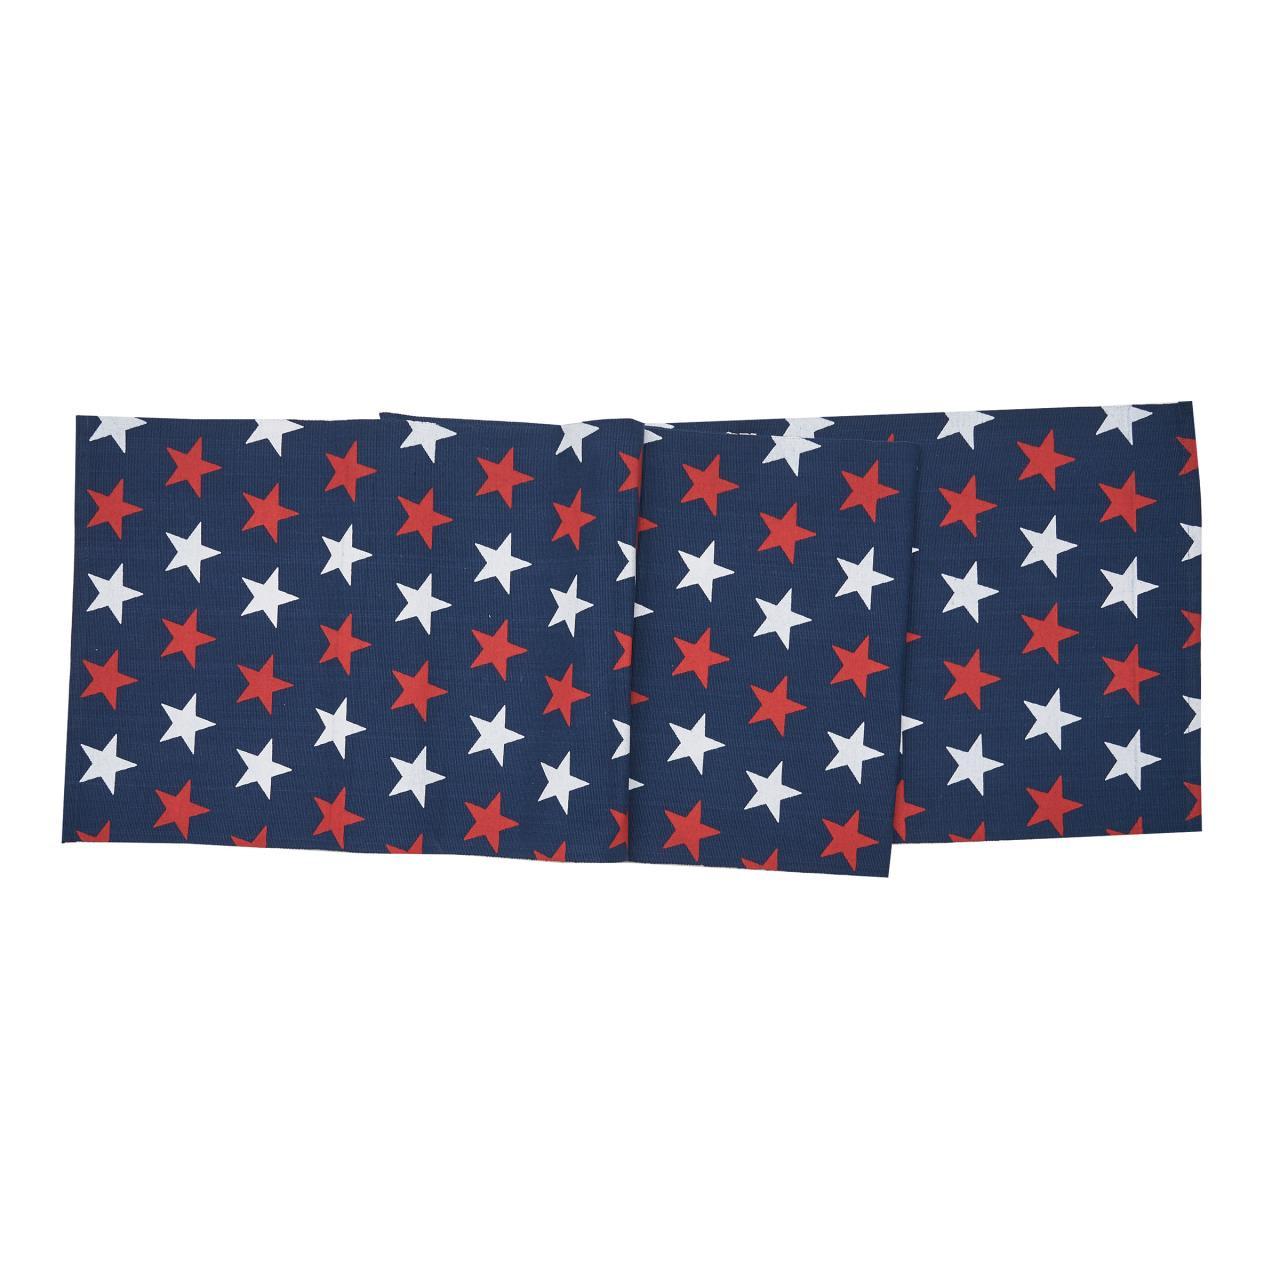 Liberty Stars Table Runner - 008246550853